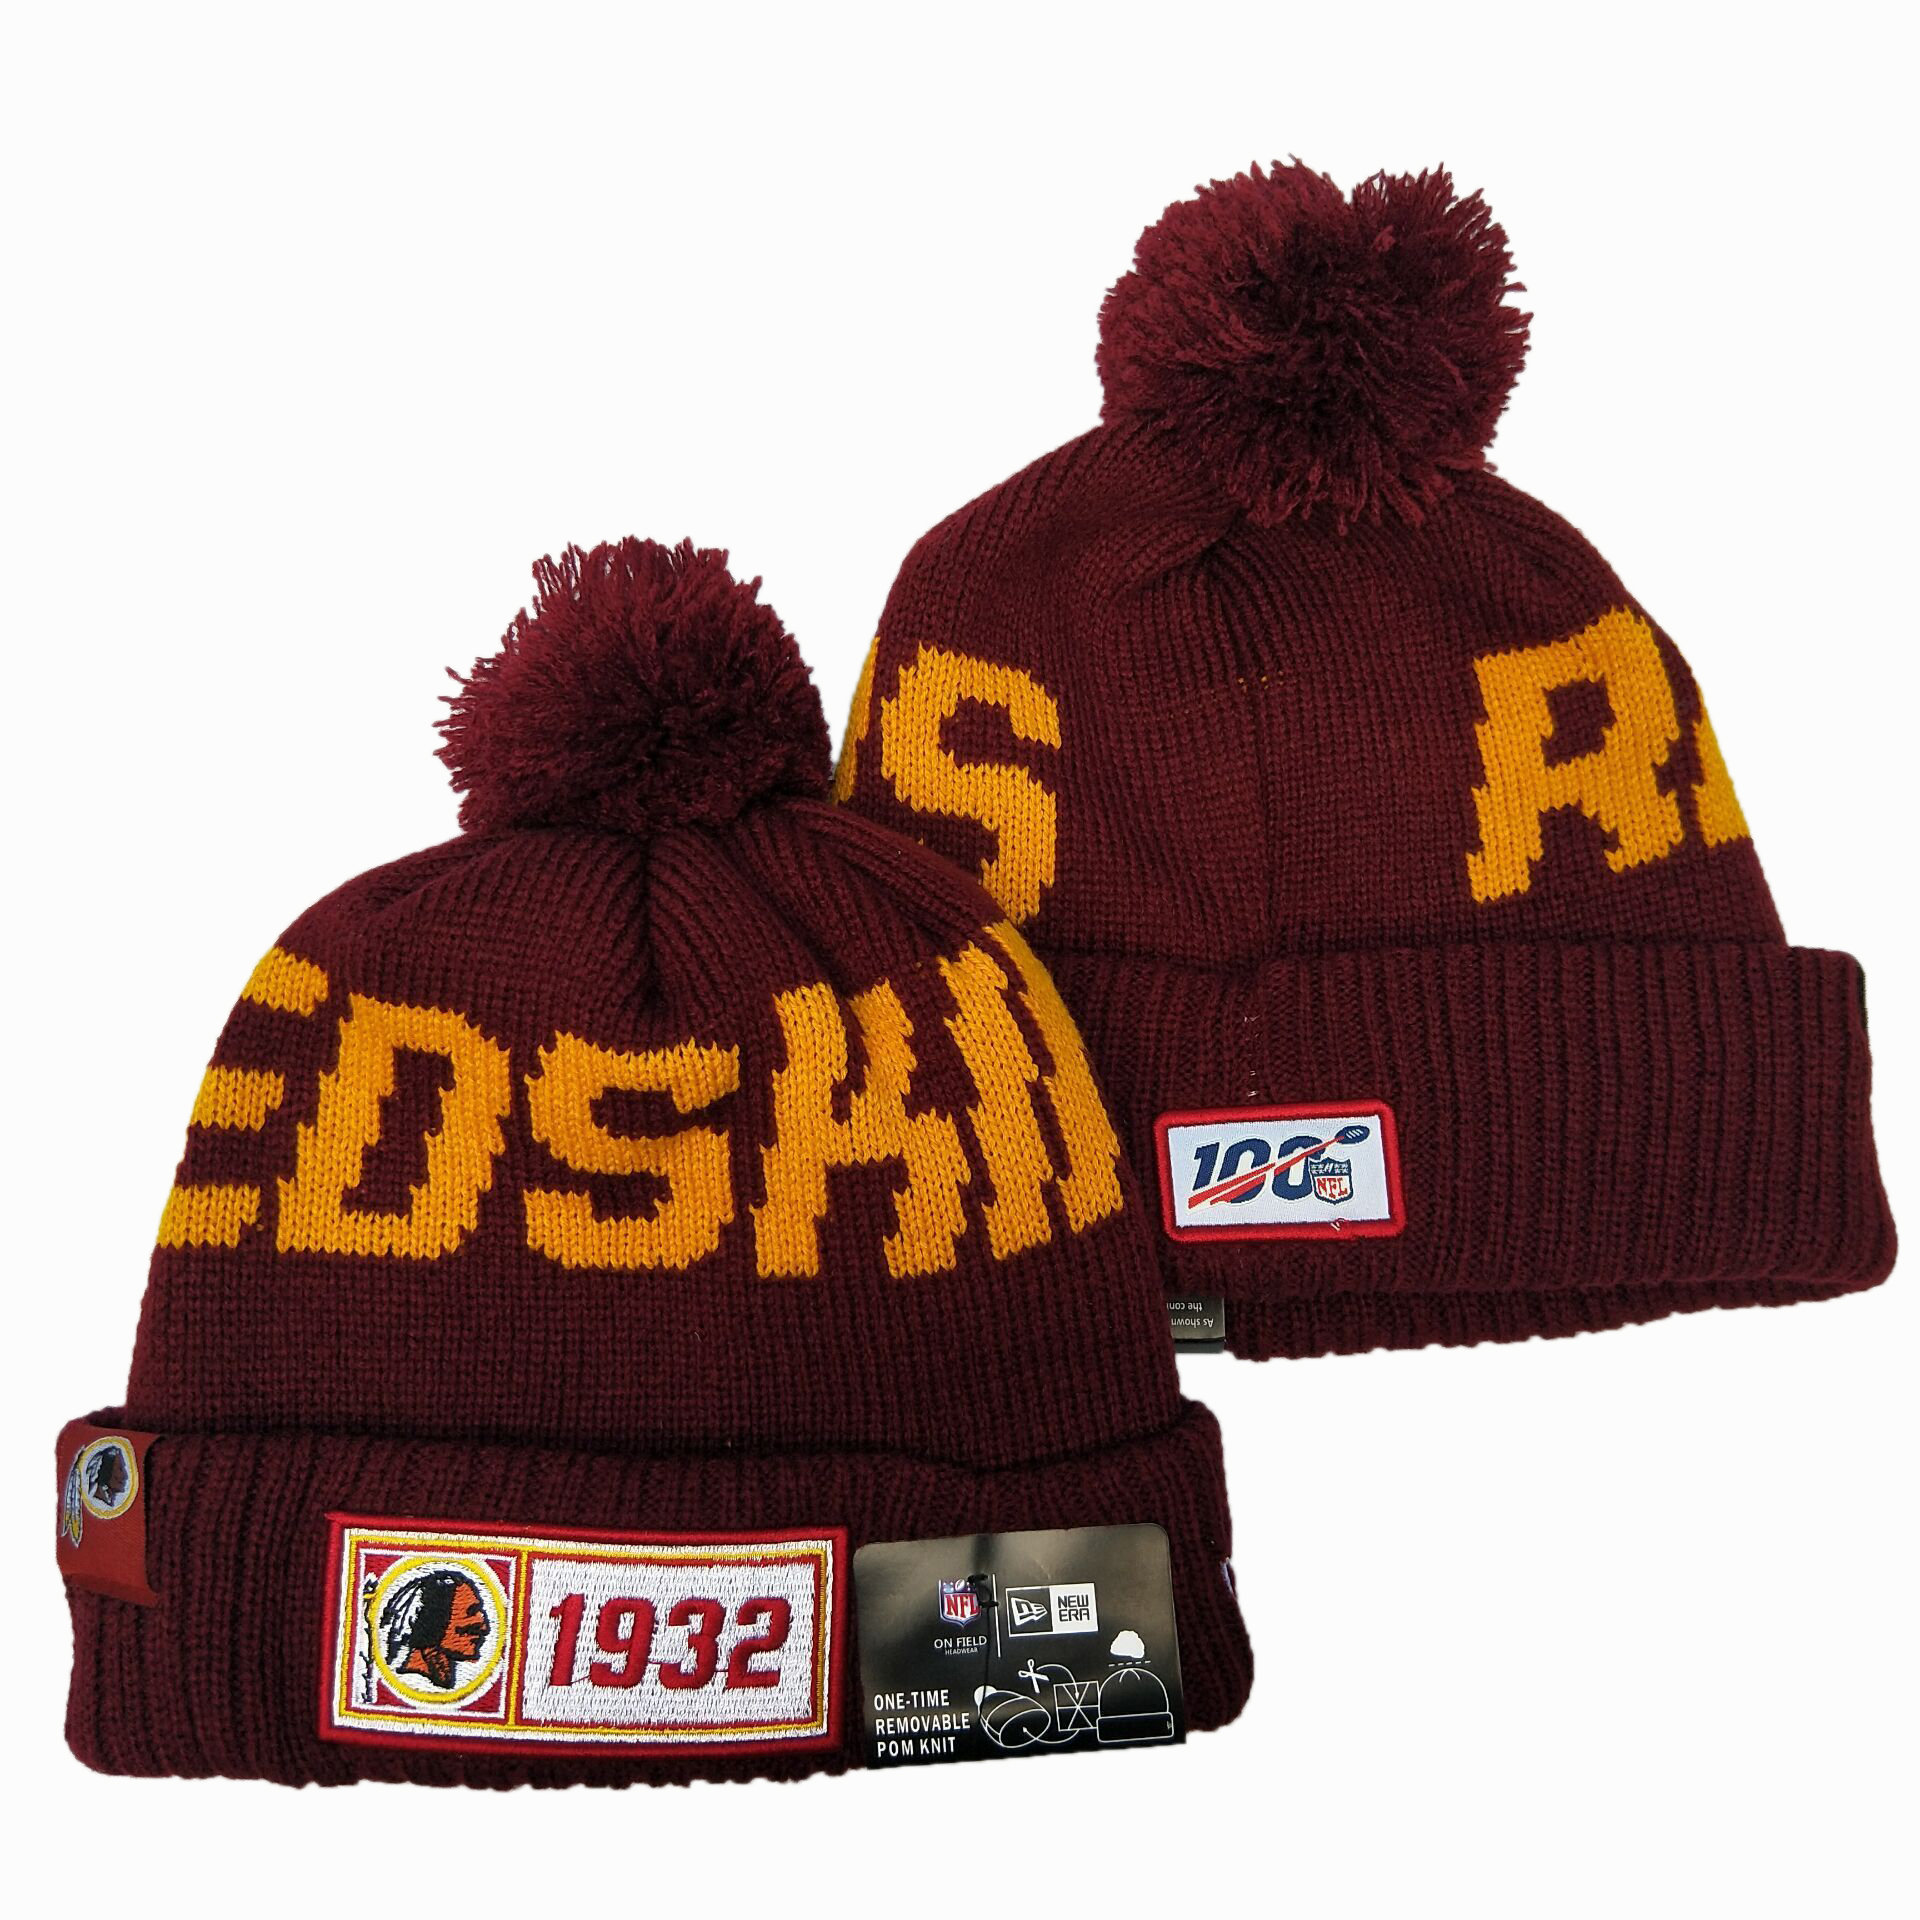 Redskins Team Logo Red 100th Season Pom Knit Hat YD